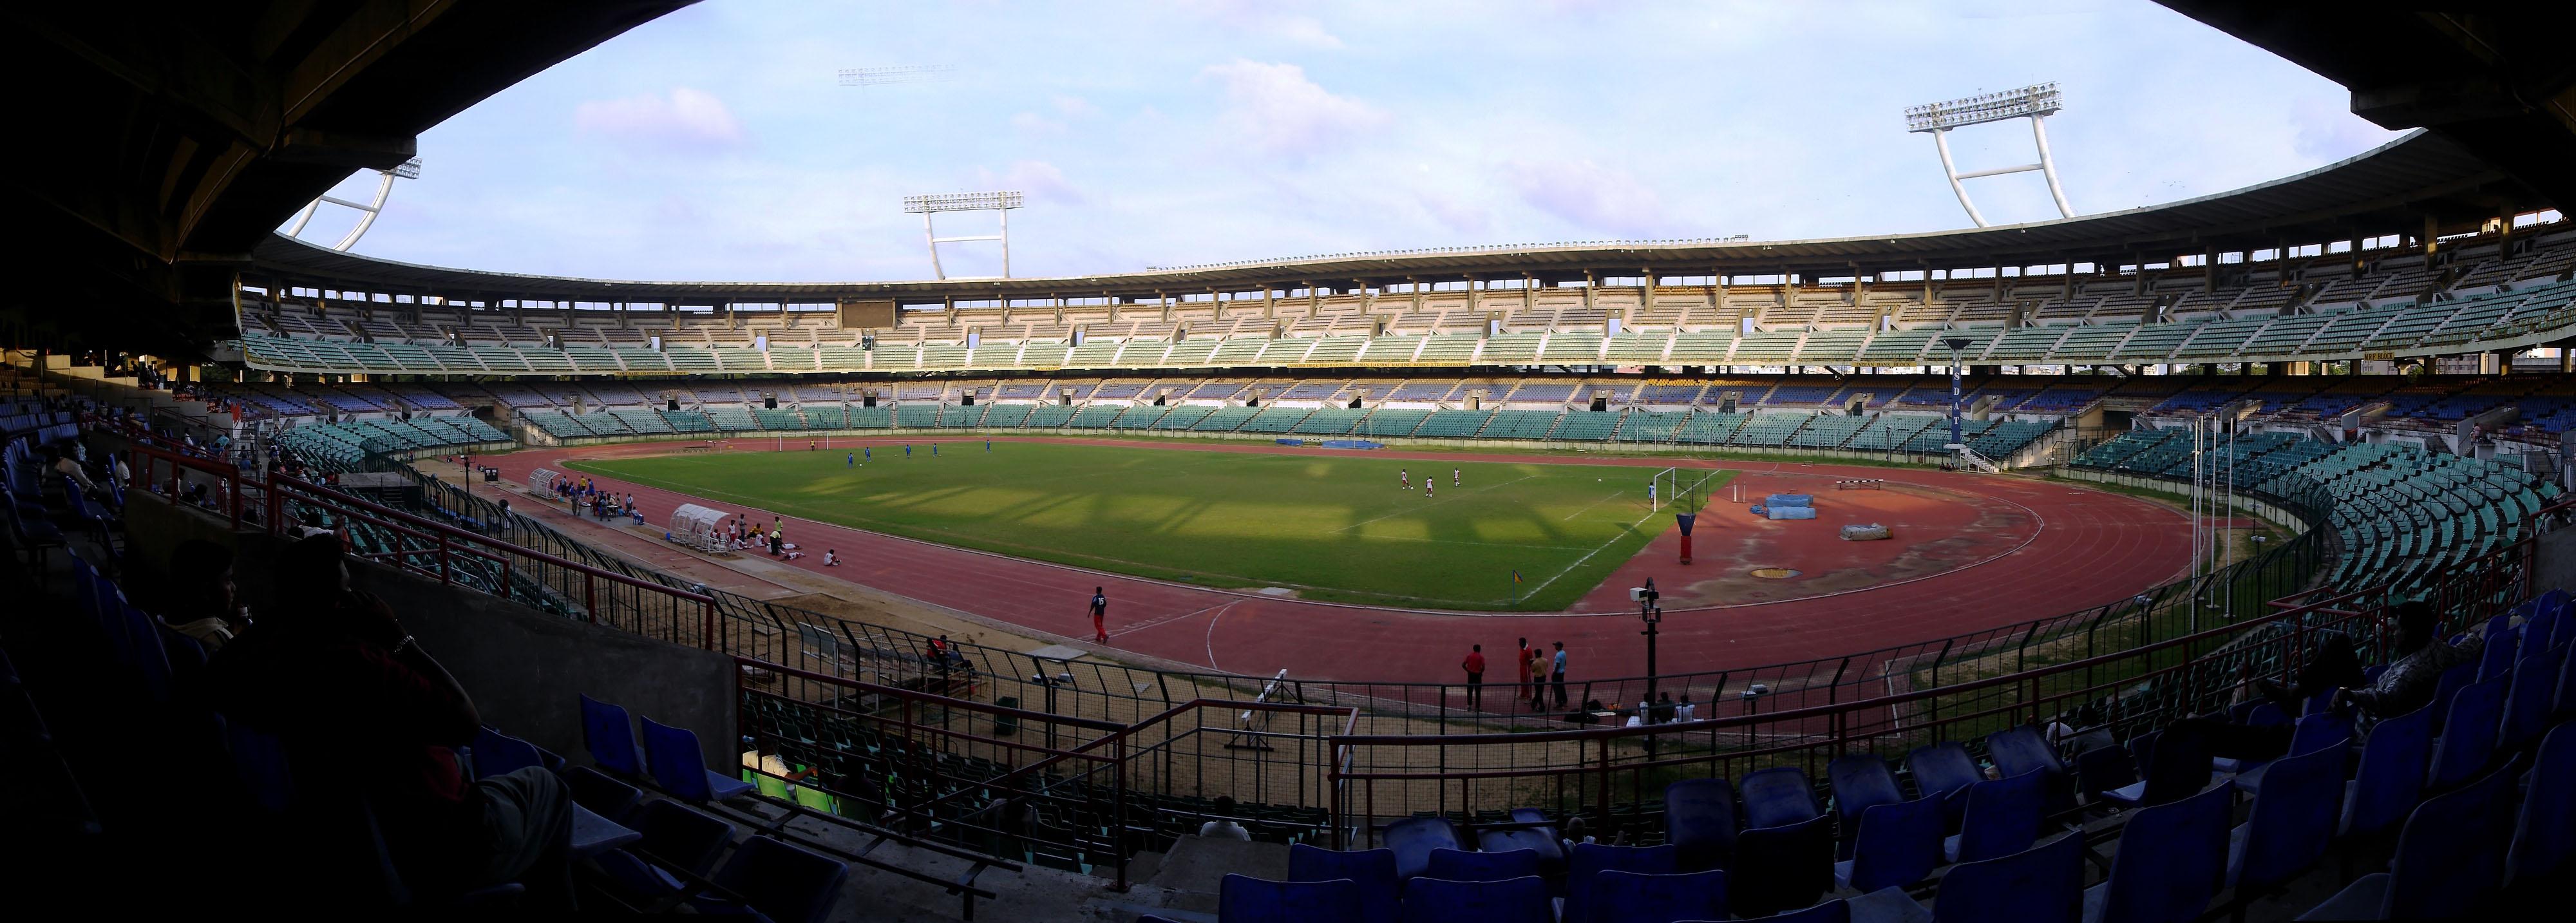 Jawaharlal Nehru Stadium Swimming Pool File:jawaharlal Nehru Stadium